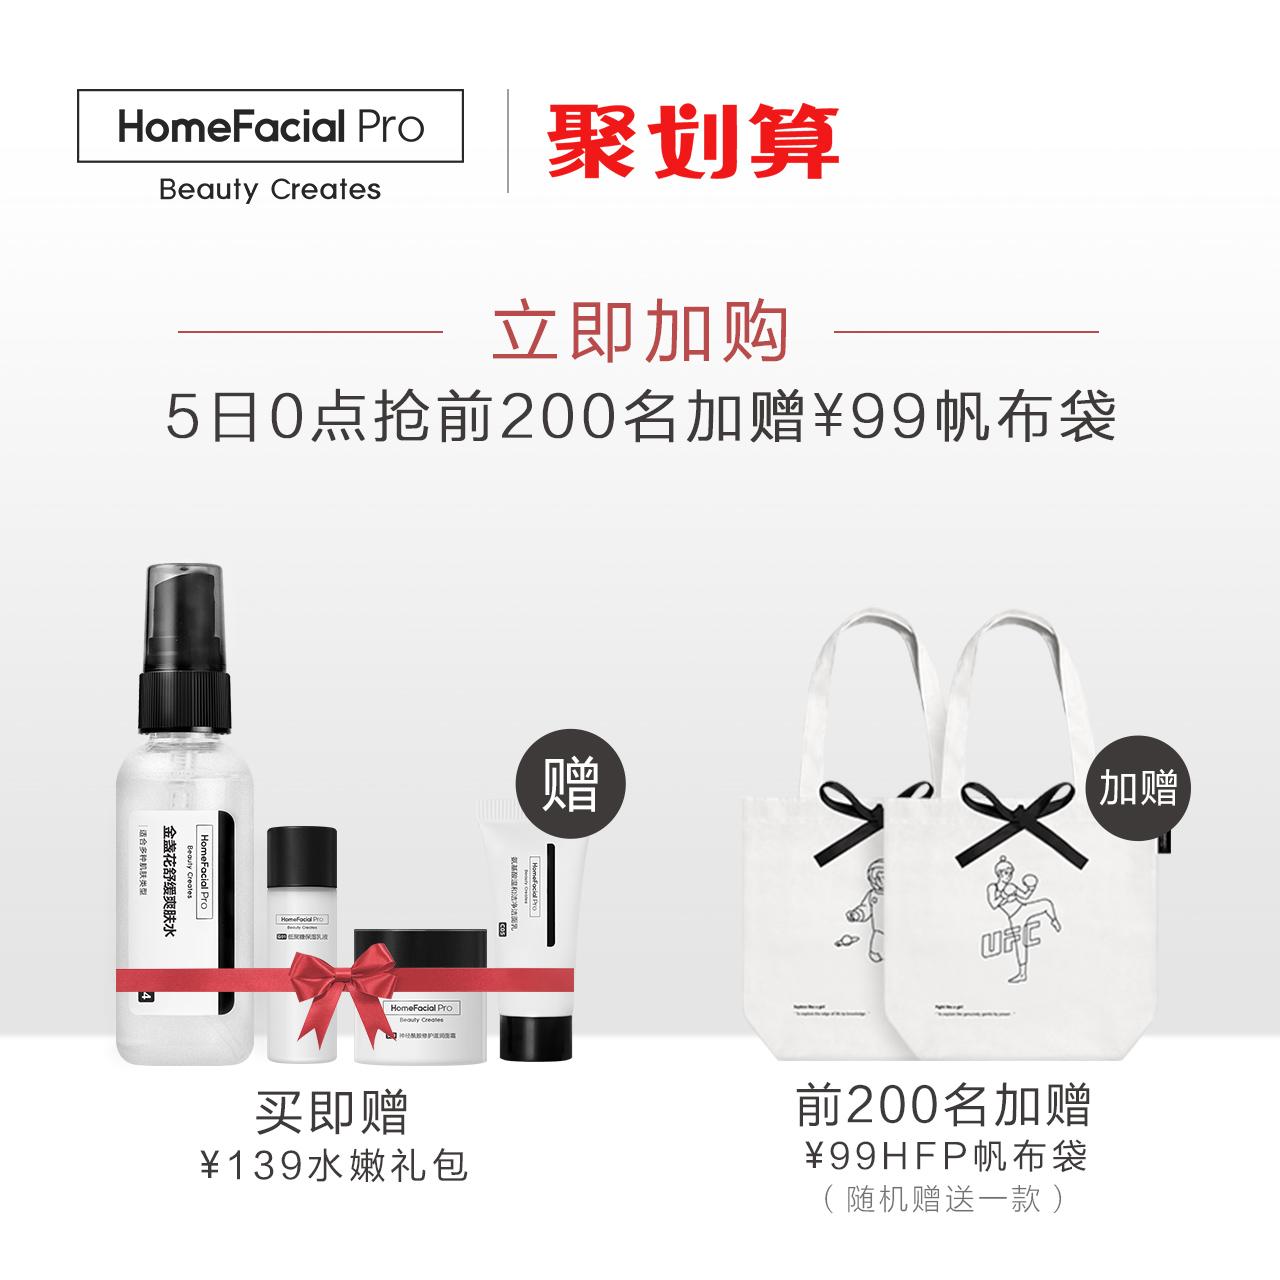 HFP祛痘净肤套装 淡化痘印痘疤产品寡肽原液冻干粉护肤品正品男女